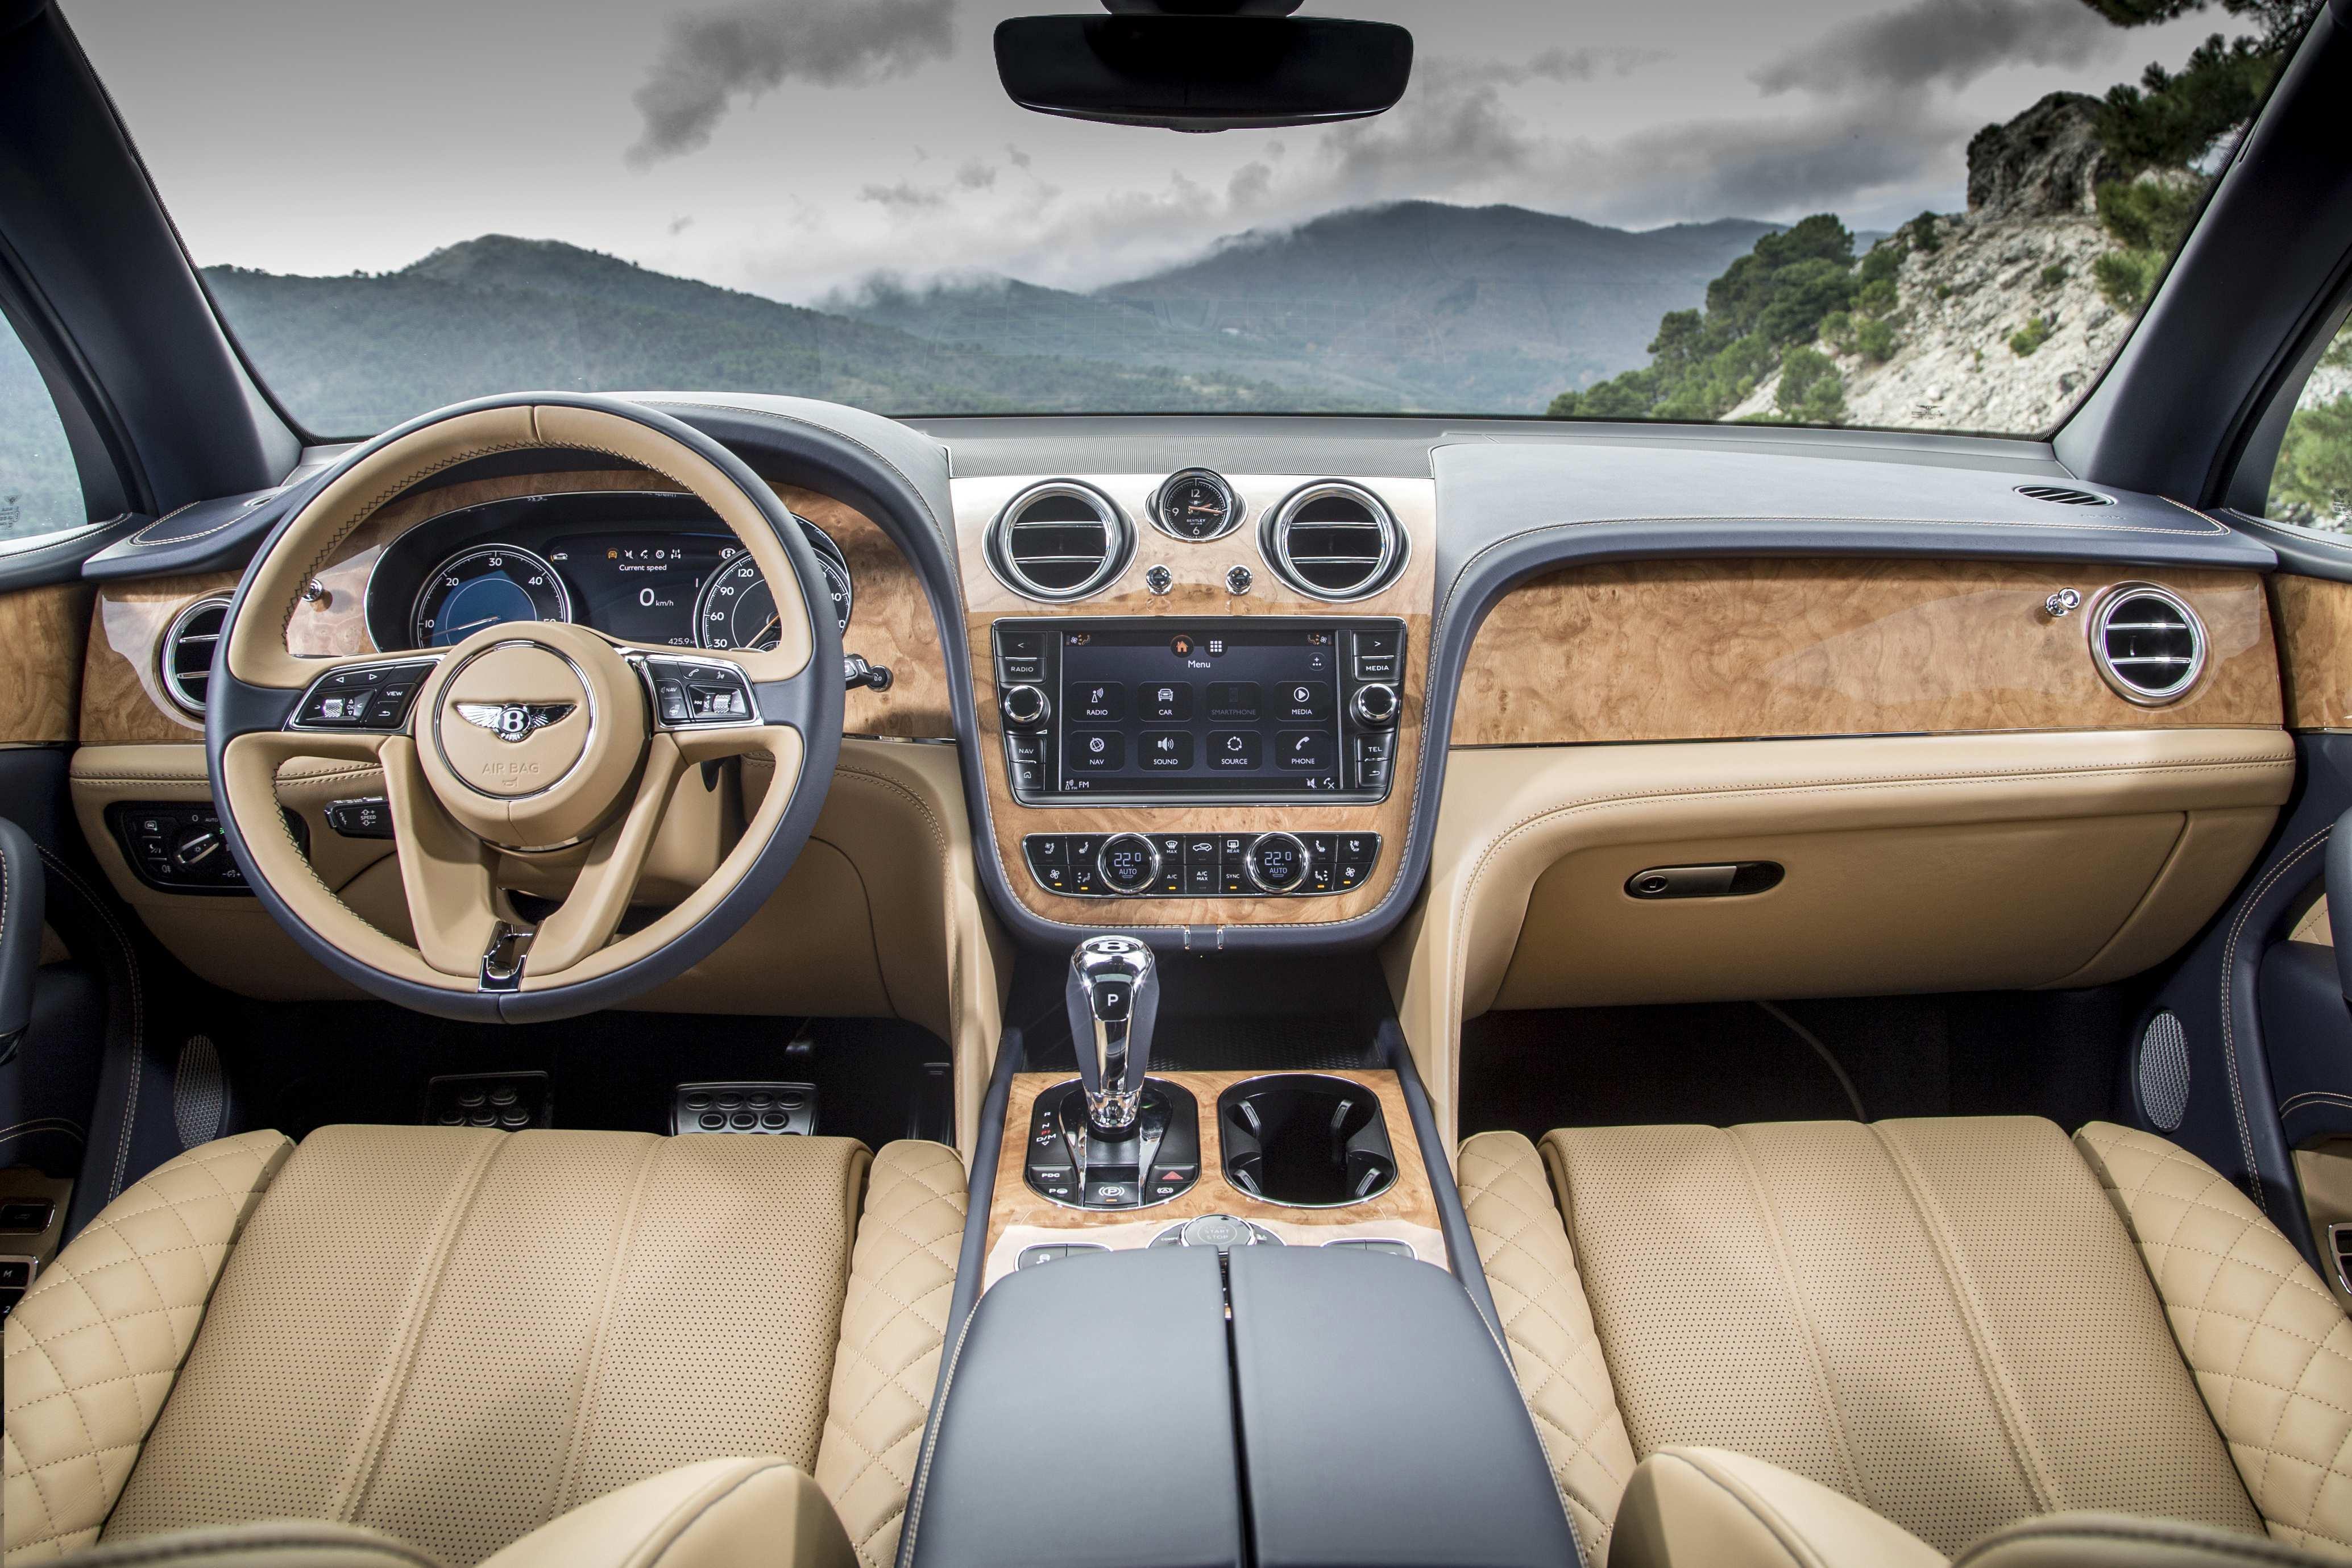 54 Best Review 2019 Bentley Bentayga Release Date Redesign and Concept with 2019 Bentley Bentayga Release Date